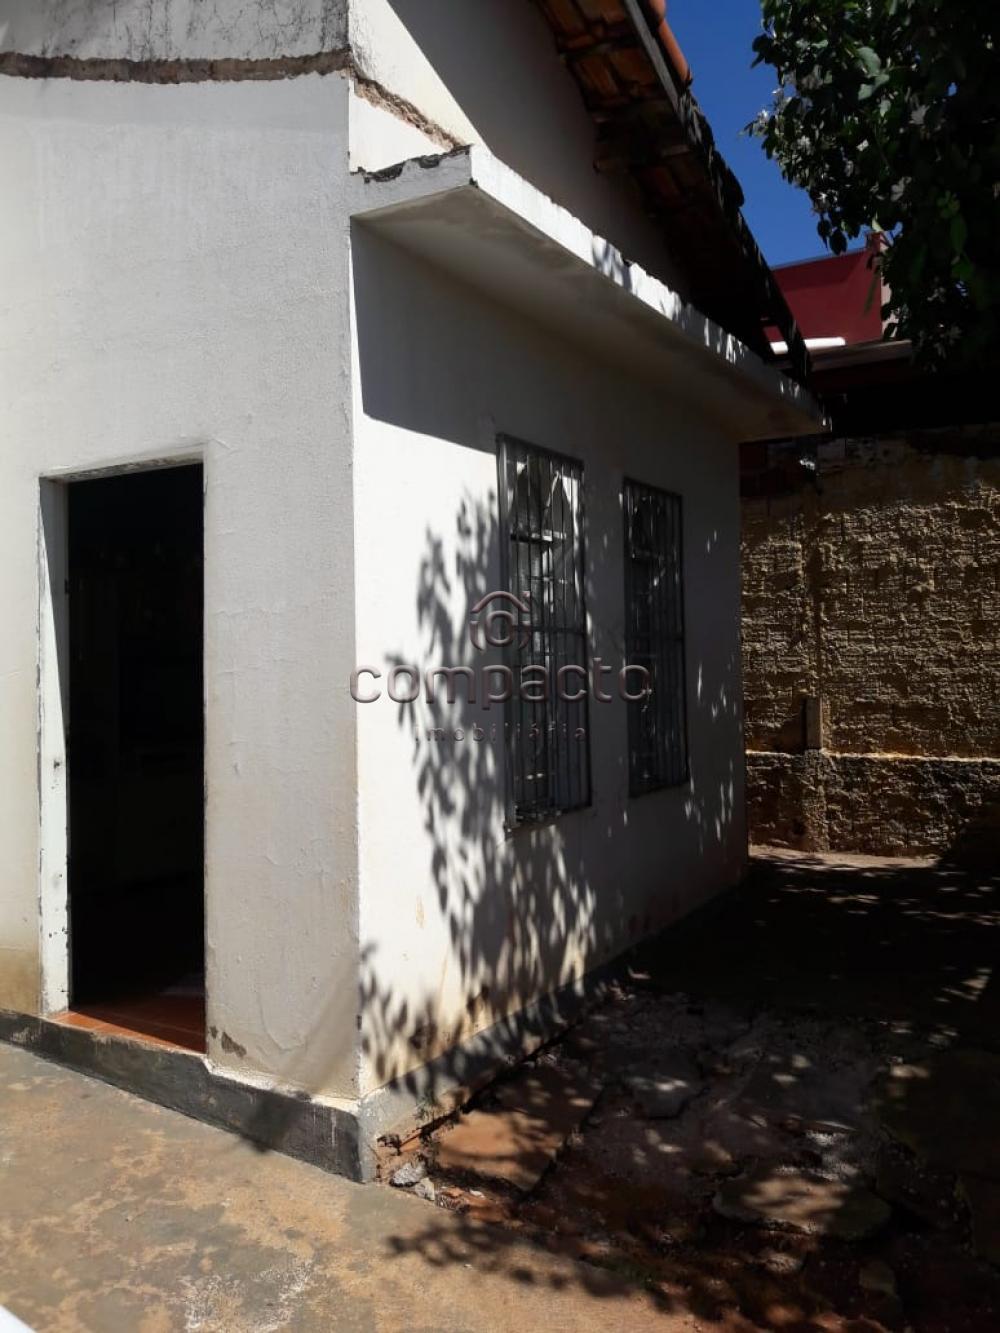 Comprar Casa / Padrão em São José do Rio Preto apenas R$ 140.000,00 - Foto 3